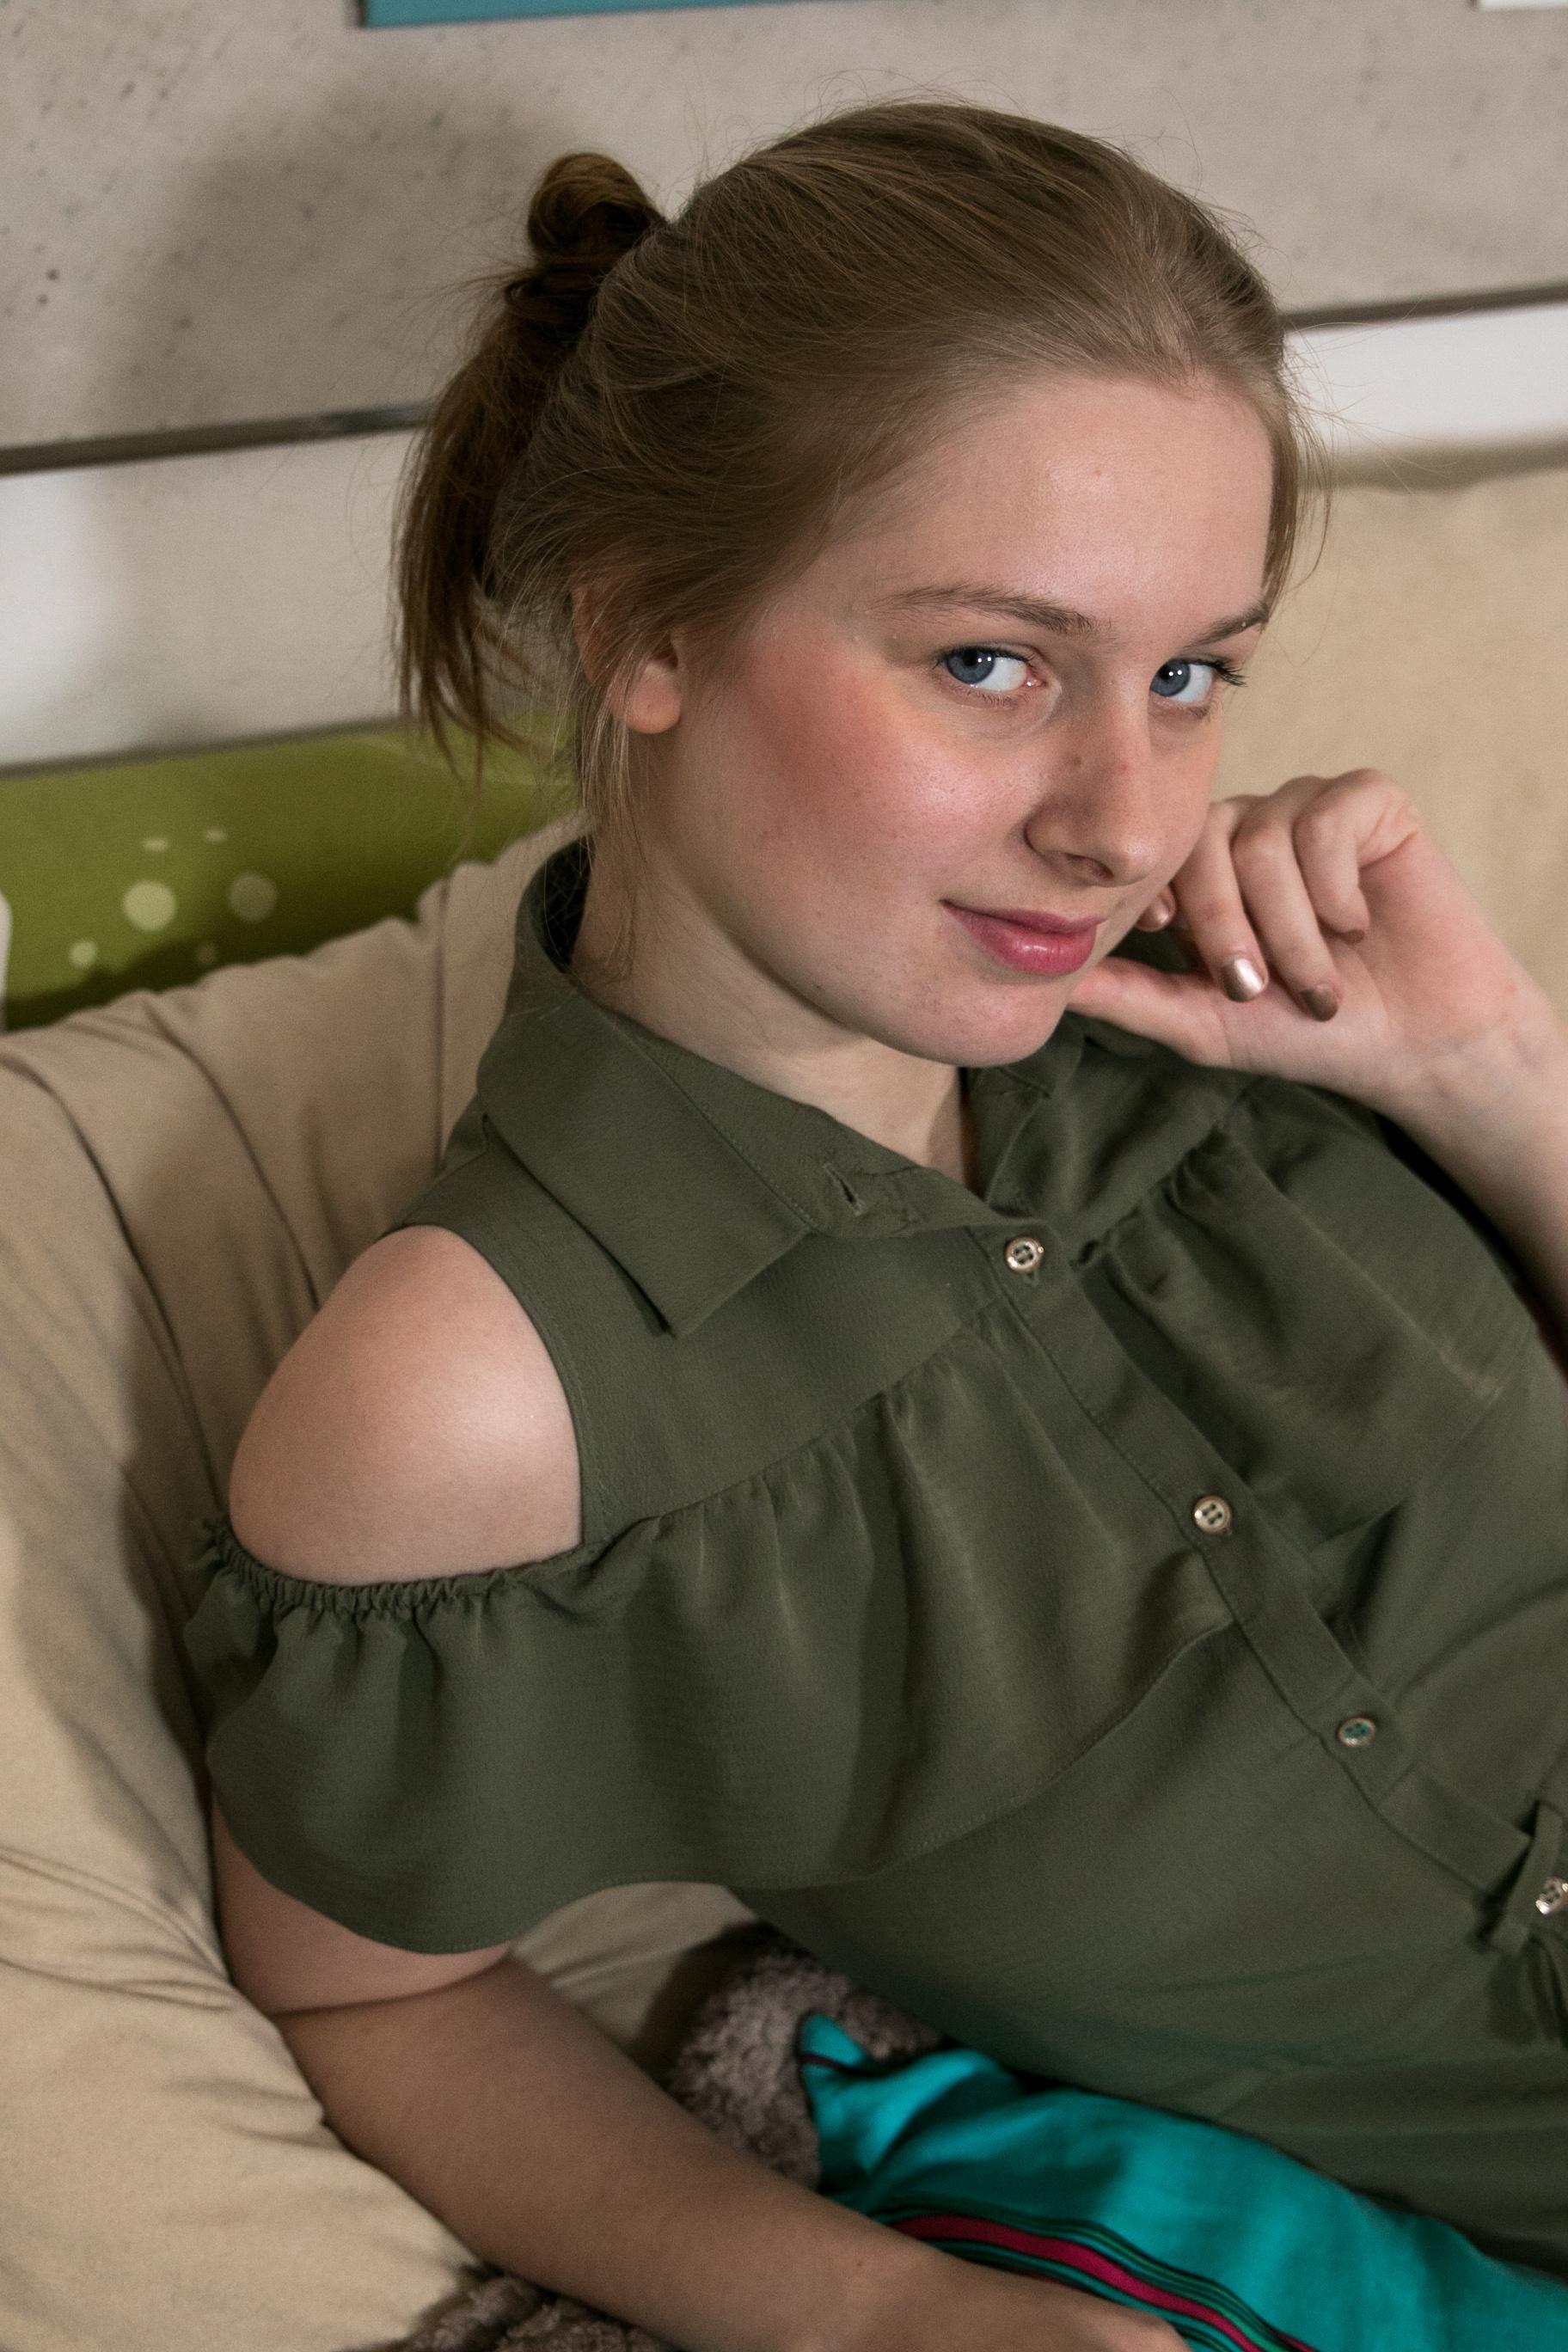 Ersties.com - Ginny 14